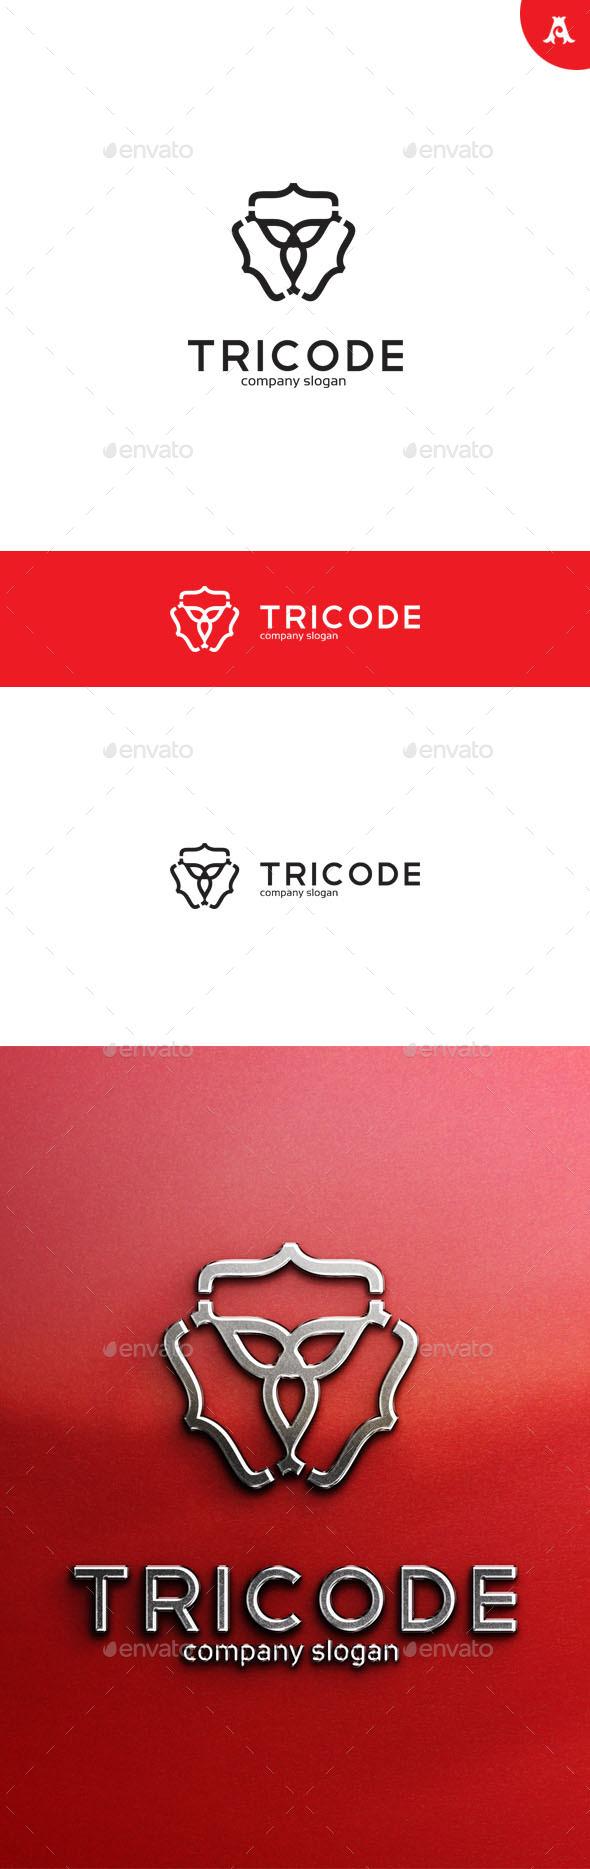 GraphicRiver Tricode Logo 10026095